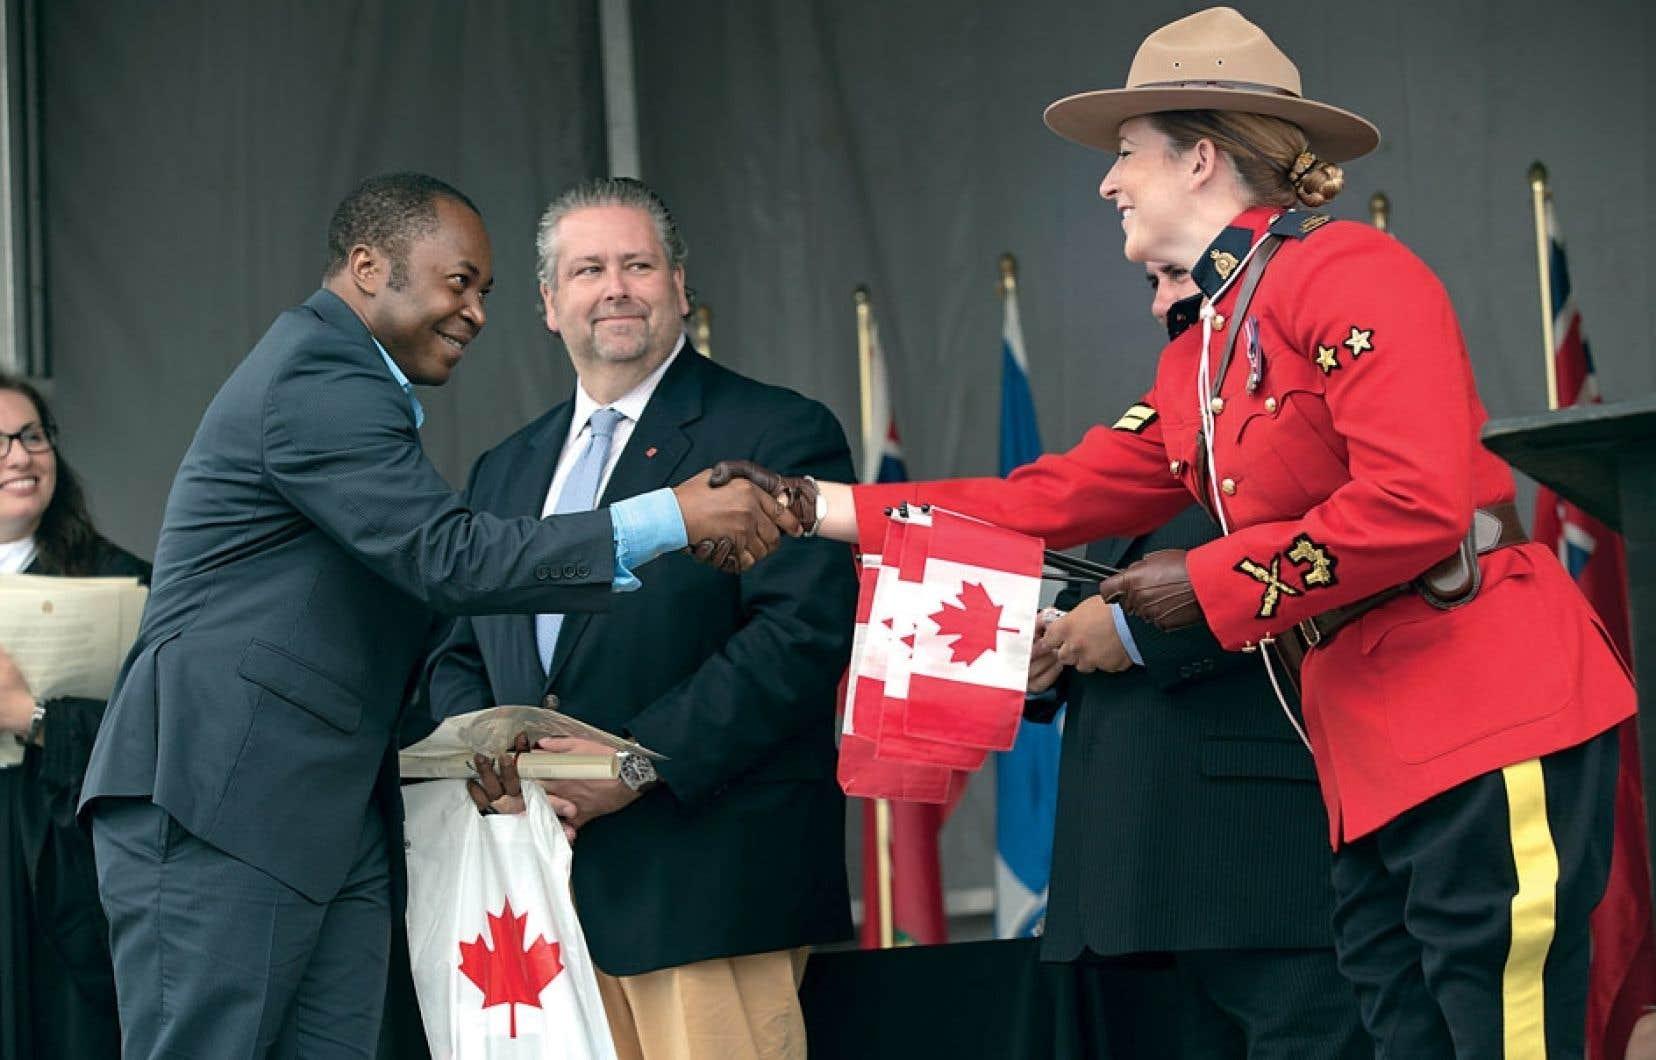 Une cérémonie de citoyenneté s'est déroulée dans le Vieux-Port de Montréal, lundi, pour célébrer la Fête du Canada.